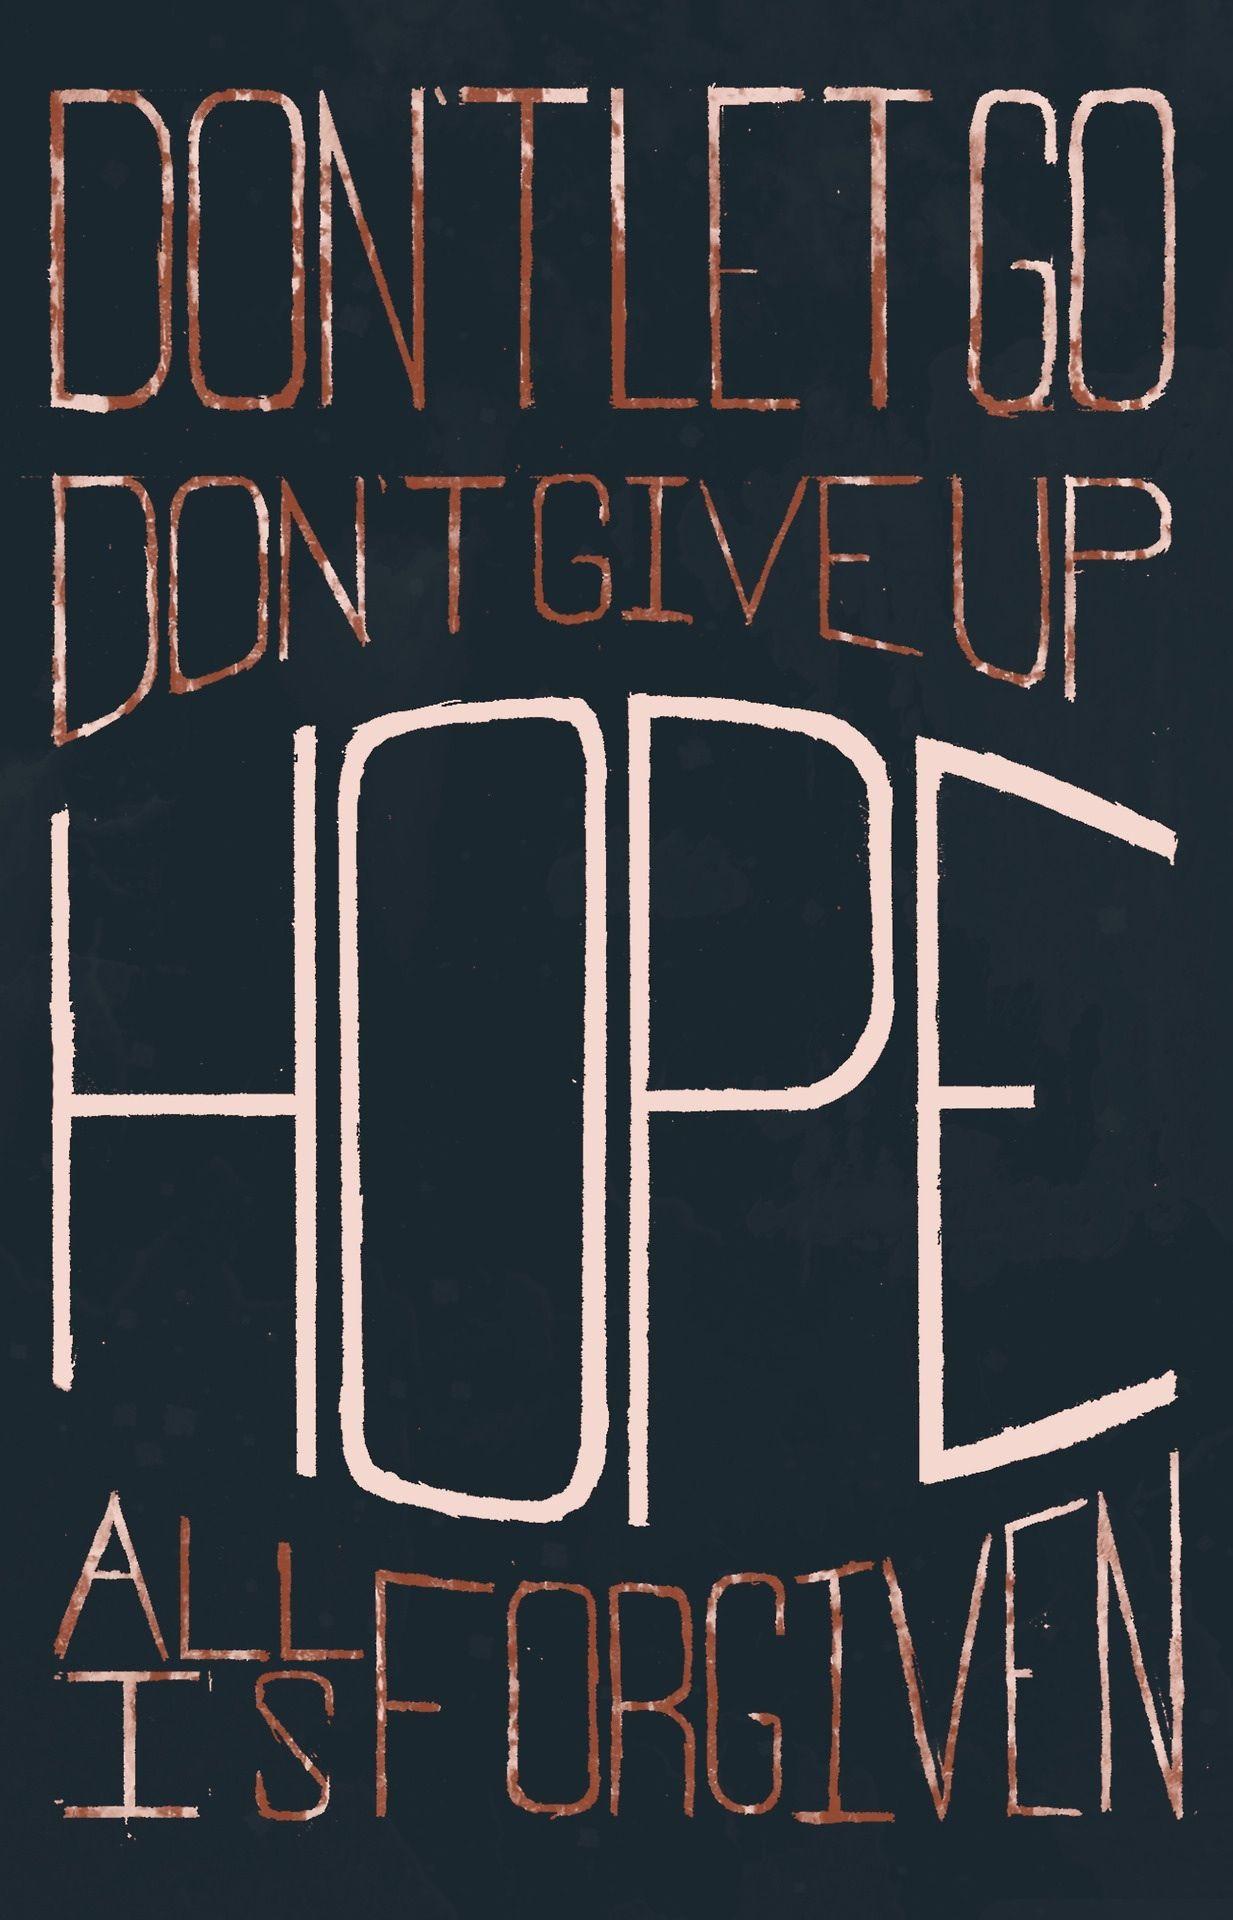 Needle Switchfoot Lyrics Lyrics To Live By Meaningful